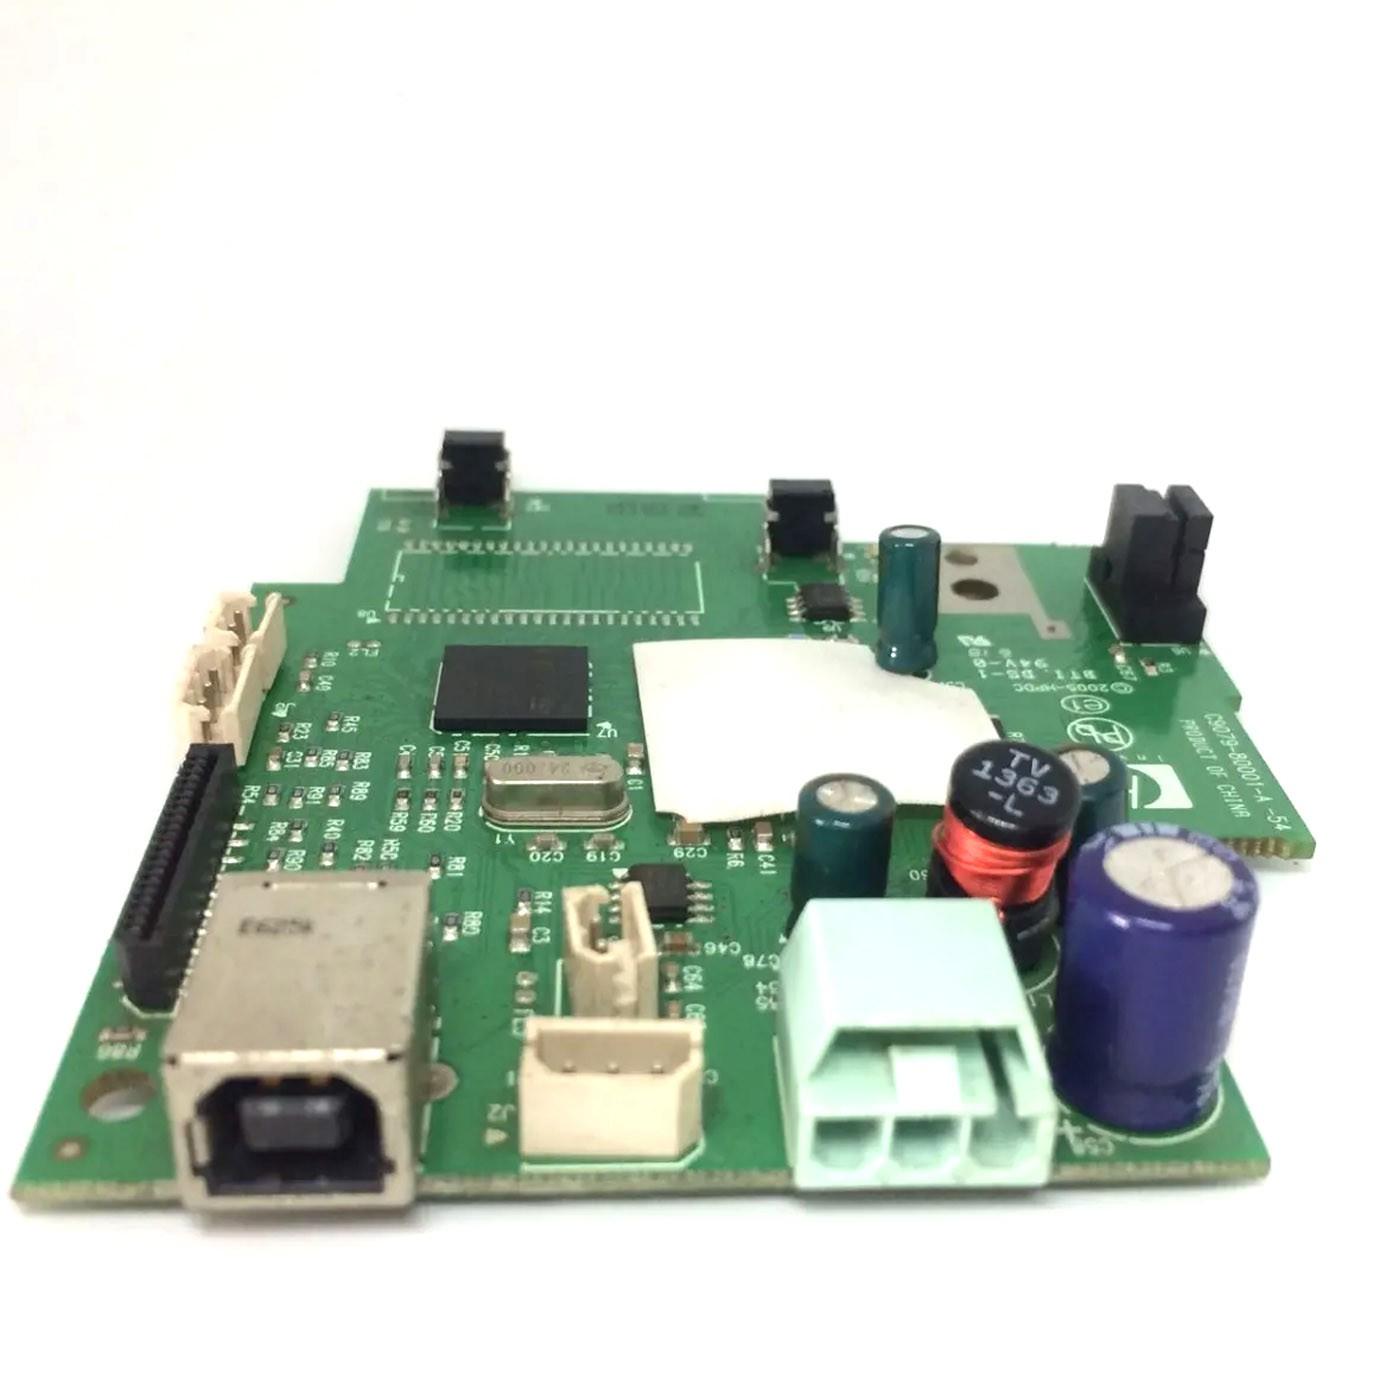 Placa Lógica Hp 3650  PN: C8974-80032 - Retirado